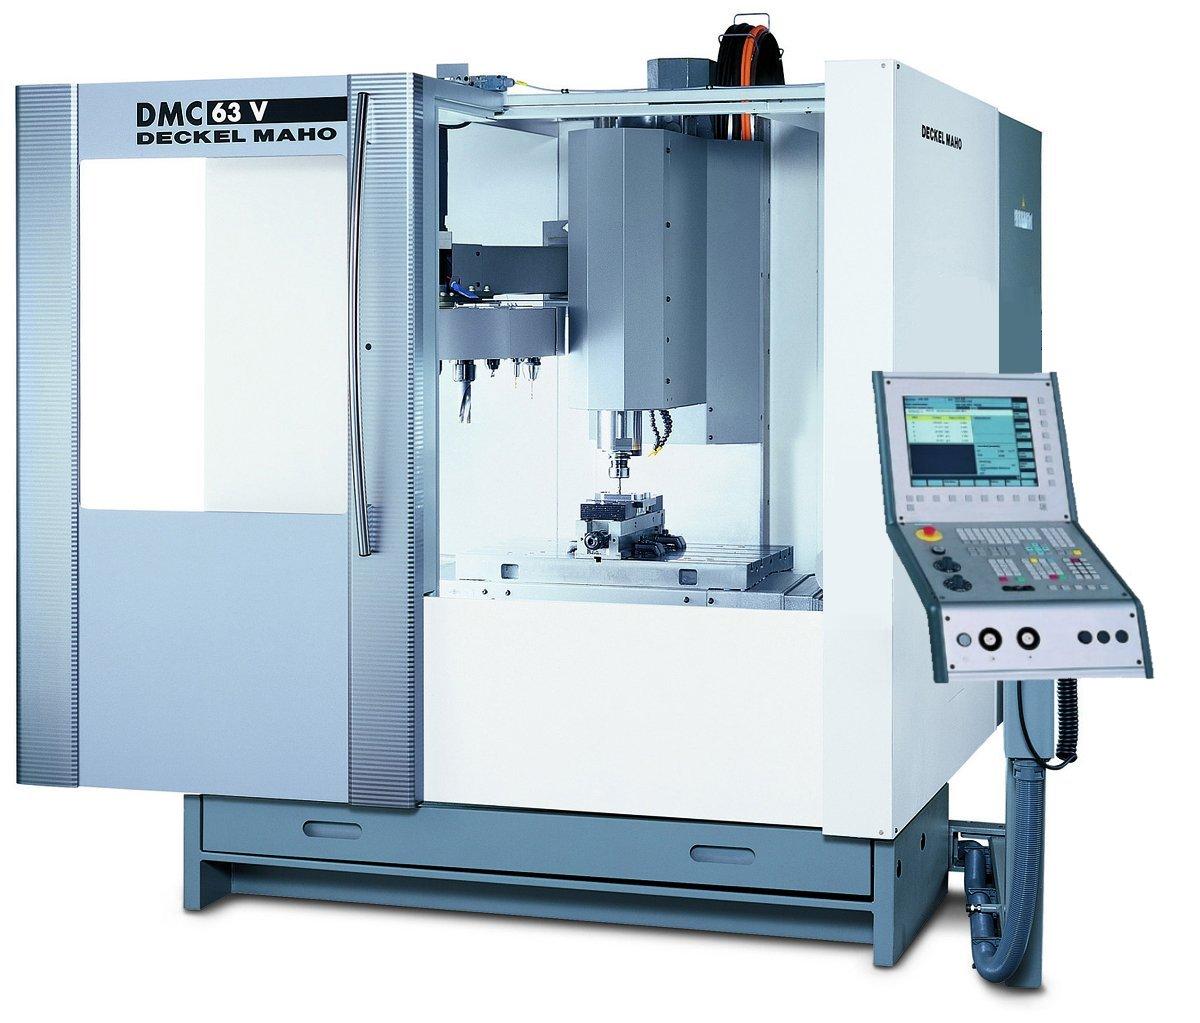 Used DECKEL - MAHO DMC63V CNC Milling Machines for sale